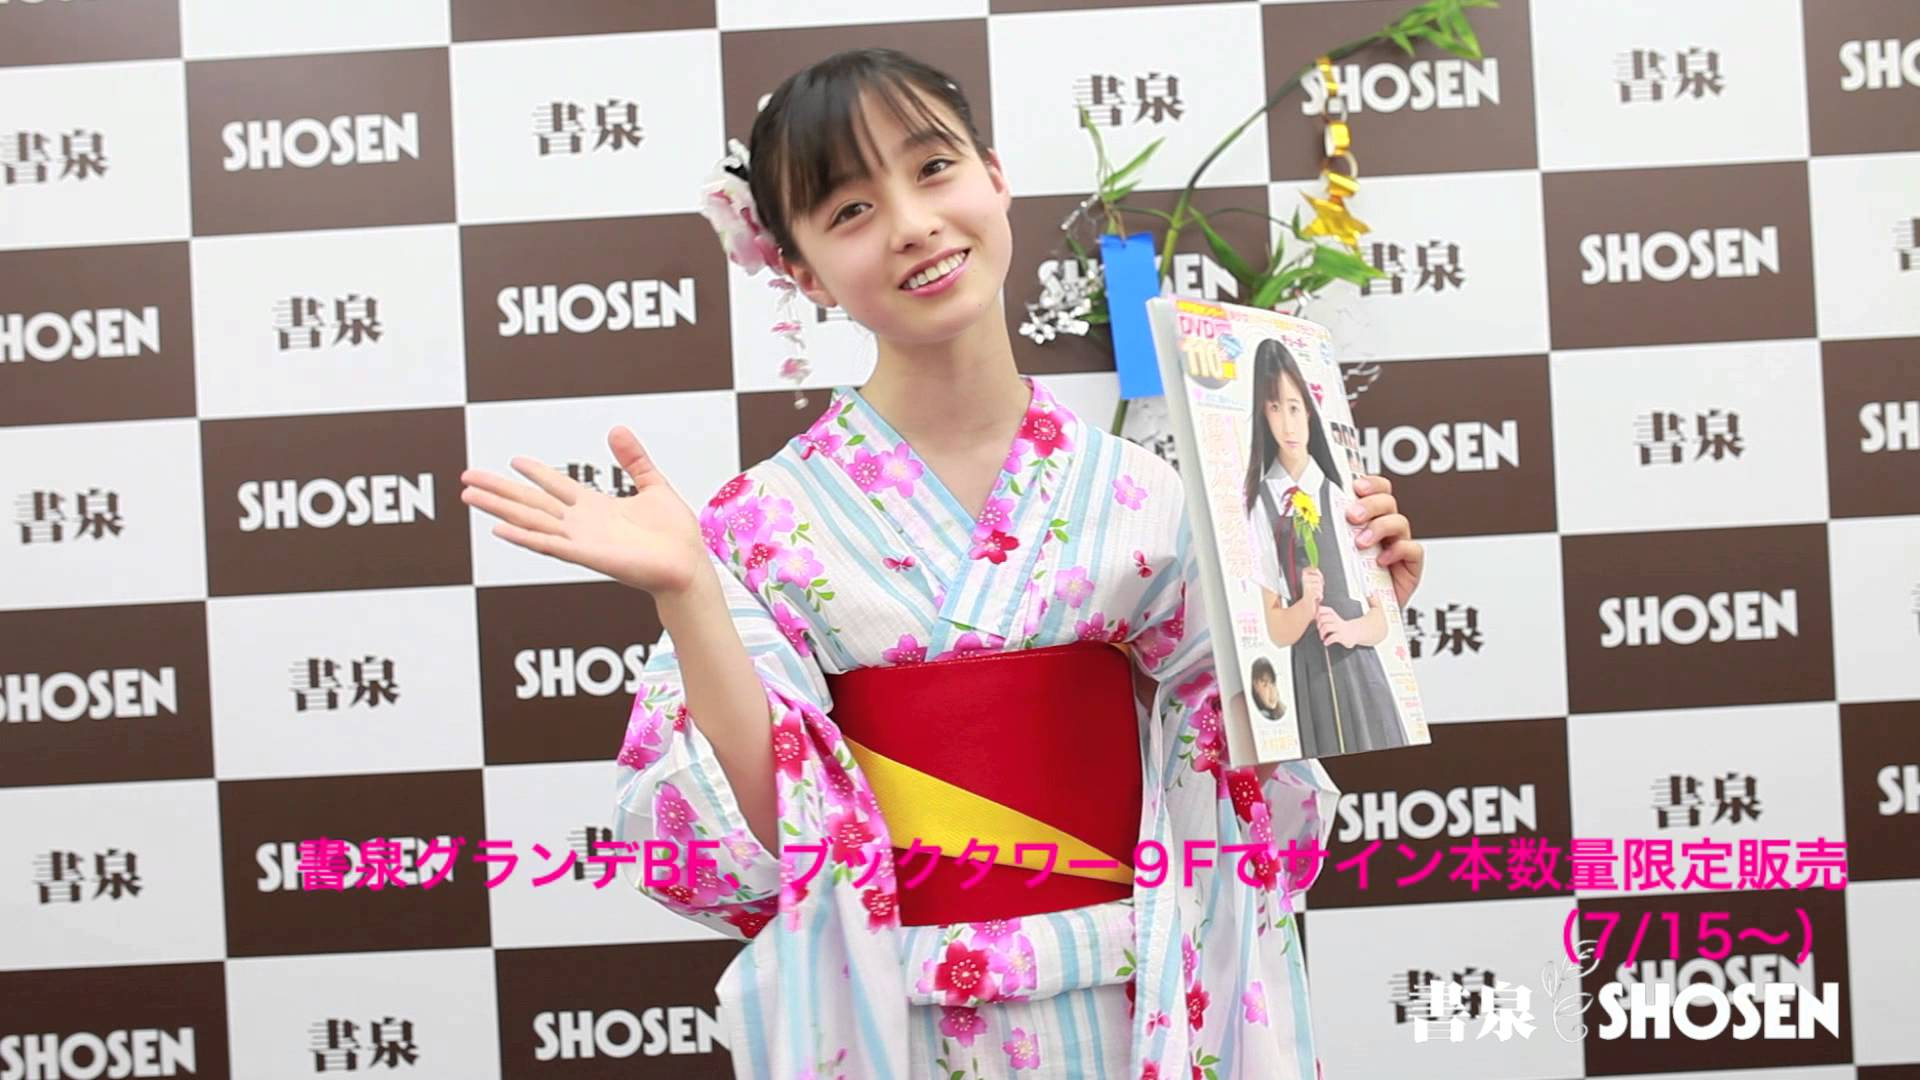 橋本環奈 浴衣画像 117